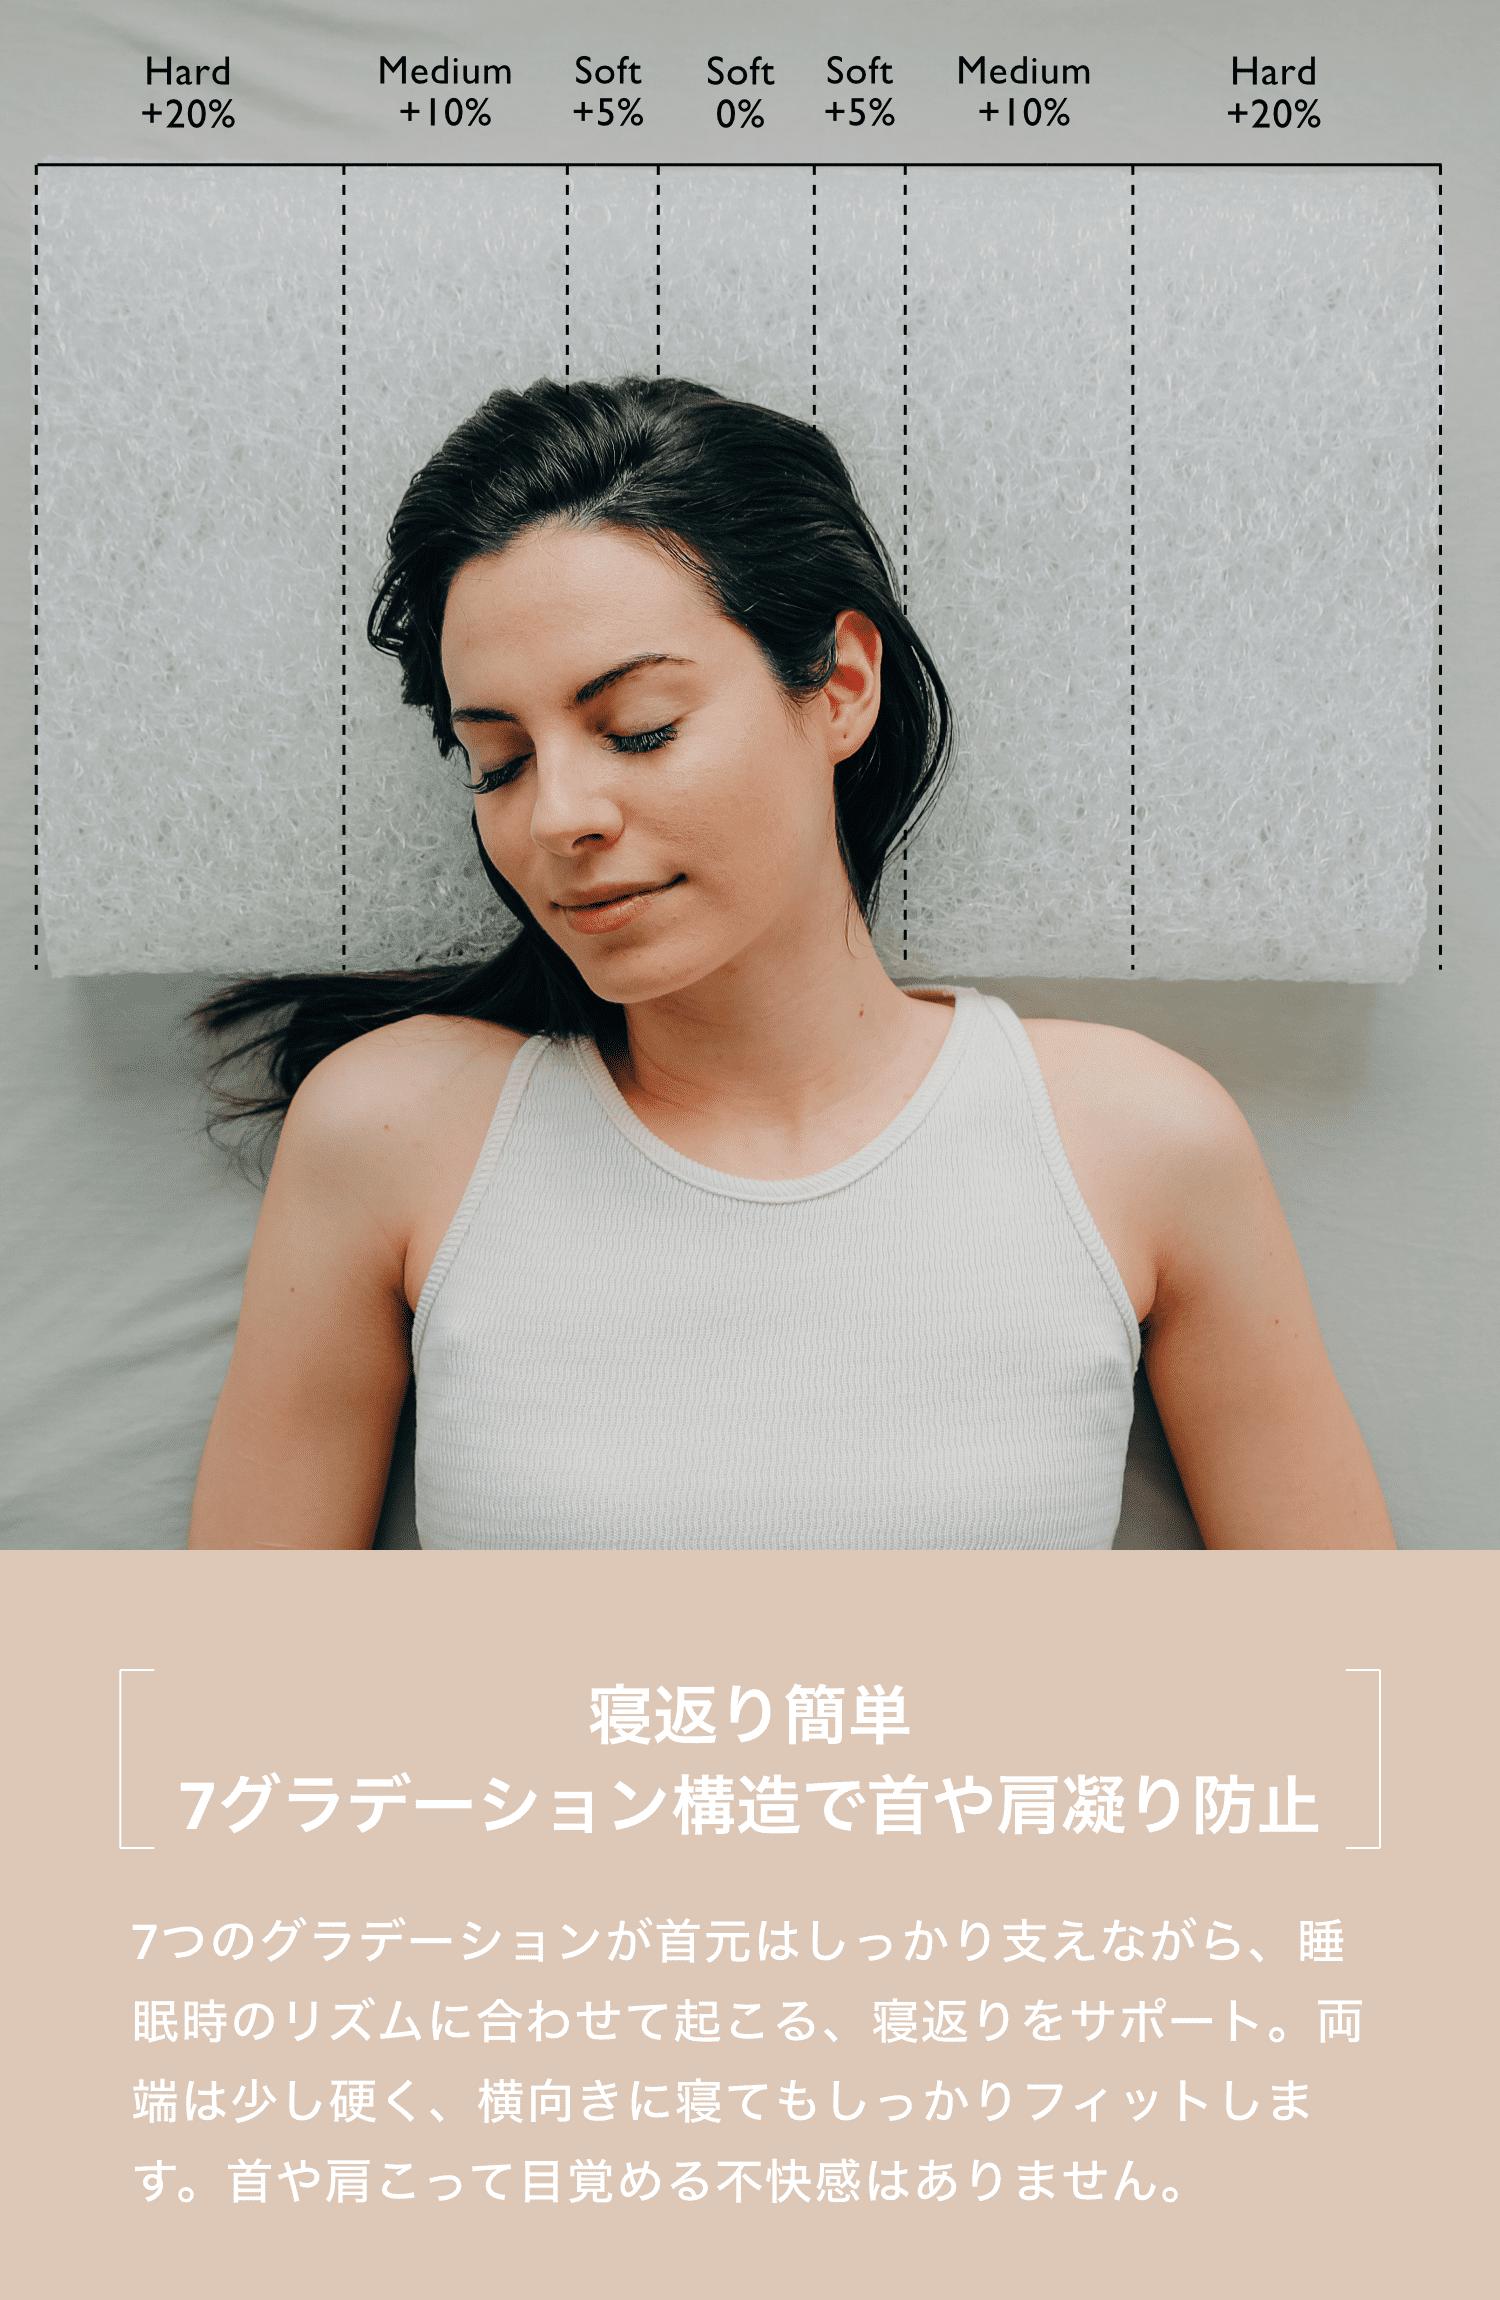 寝返り簡単7グラデーション構造で首や肩凝り防止